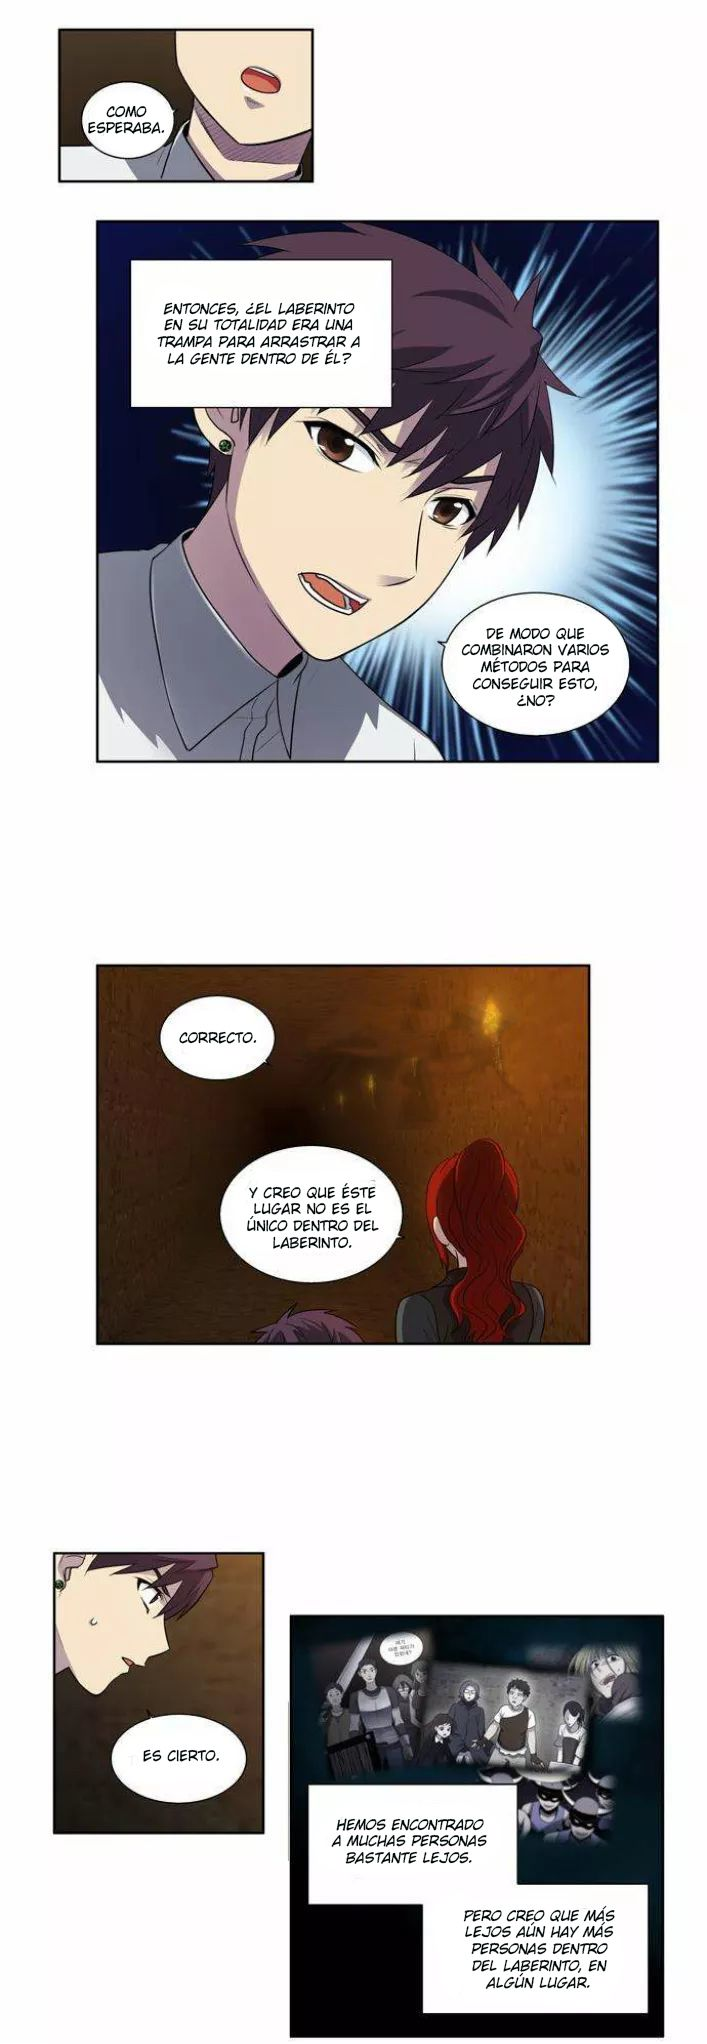 http://c5.ninemanga.com/es_manga/61/1725/485892/21fb6e8345fe6db0c1b7bc9ccb4a9bff.jpg Page 5